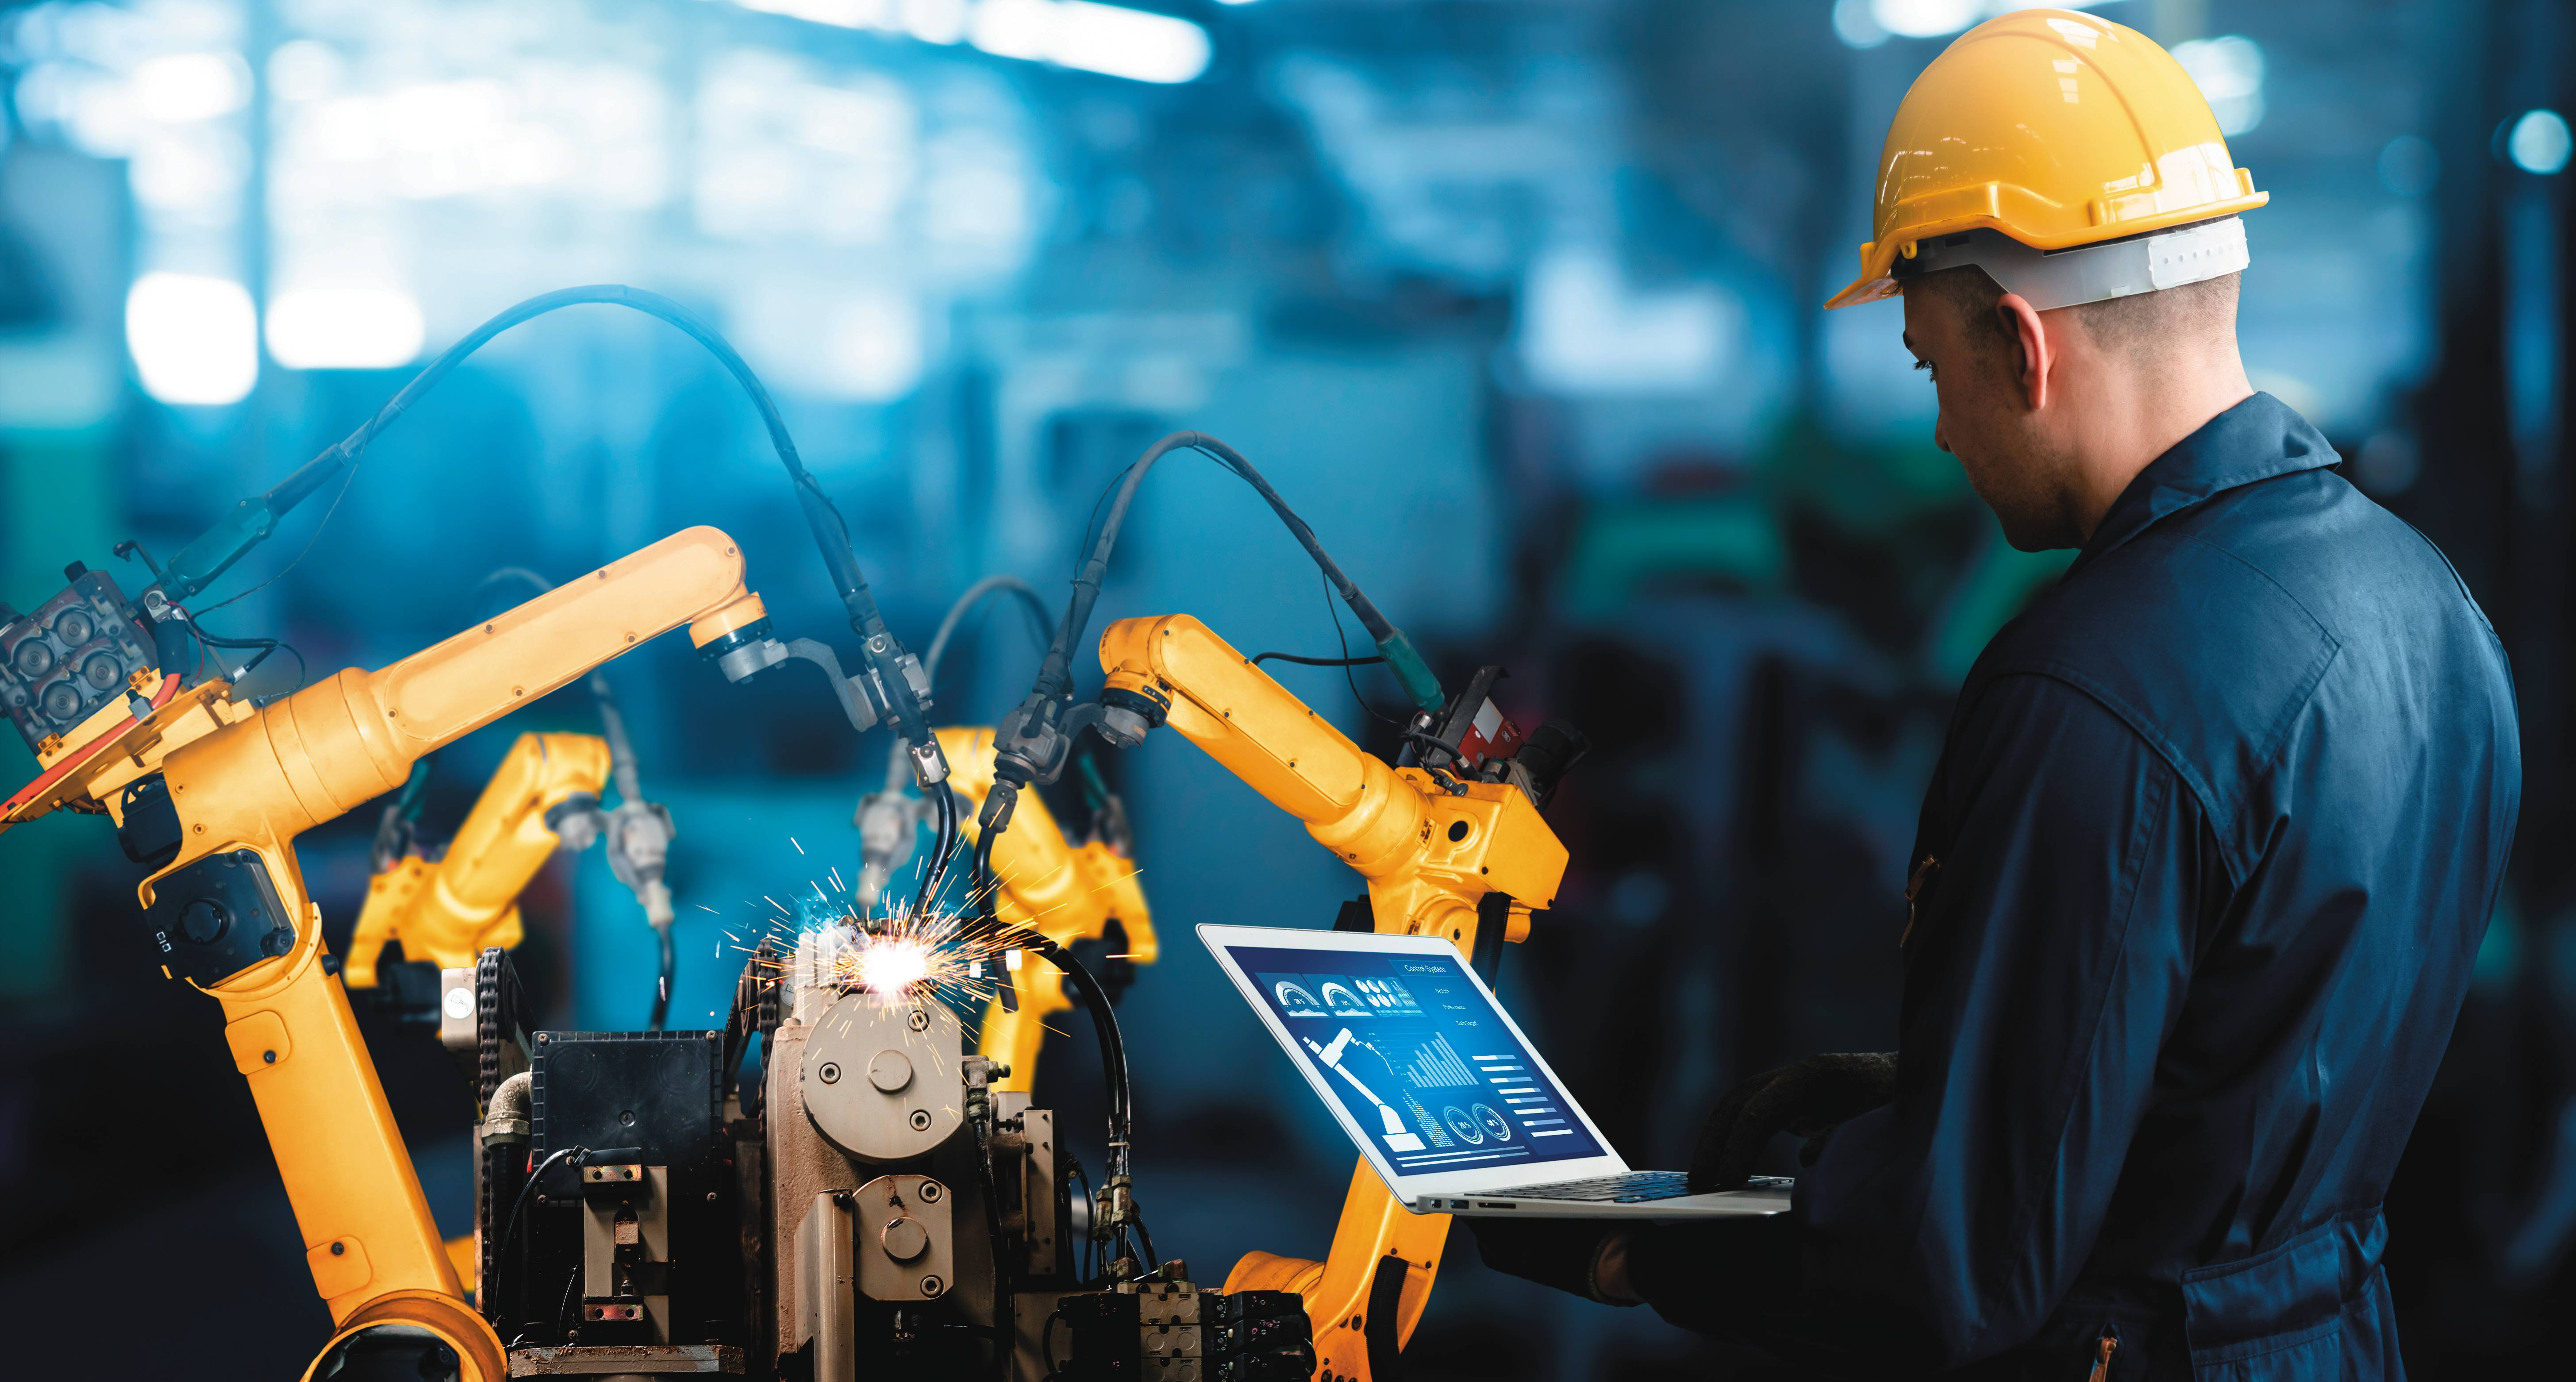 O futuro da indústria passa pela transformação digital preconizada pela quarta revolução industrial.